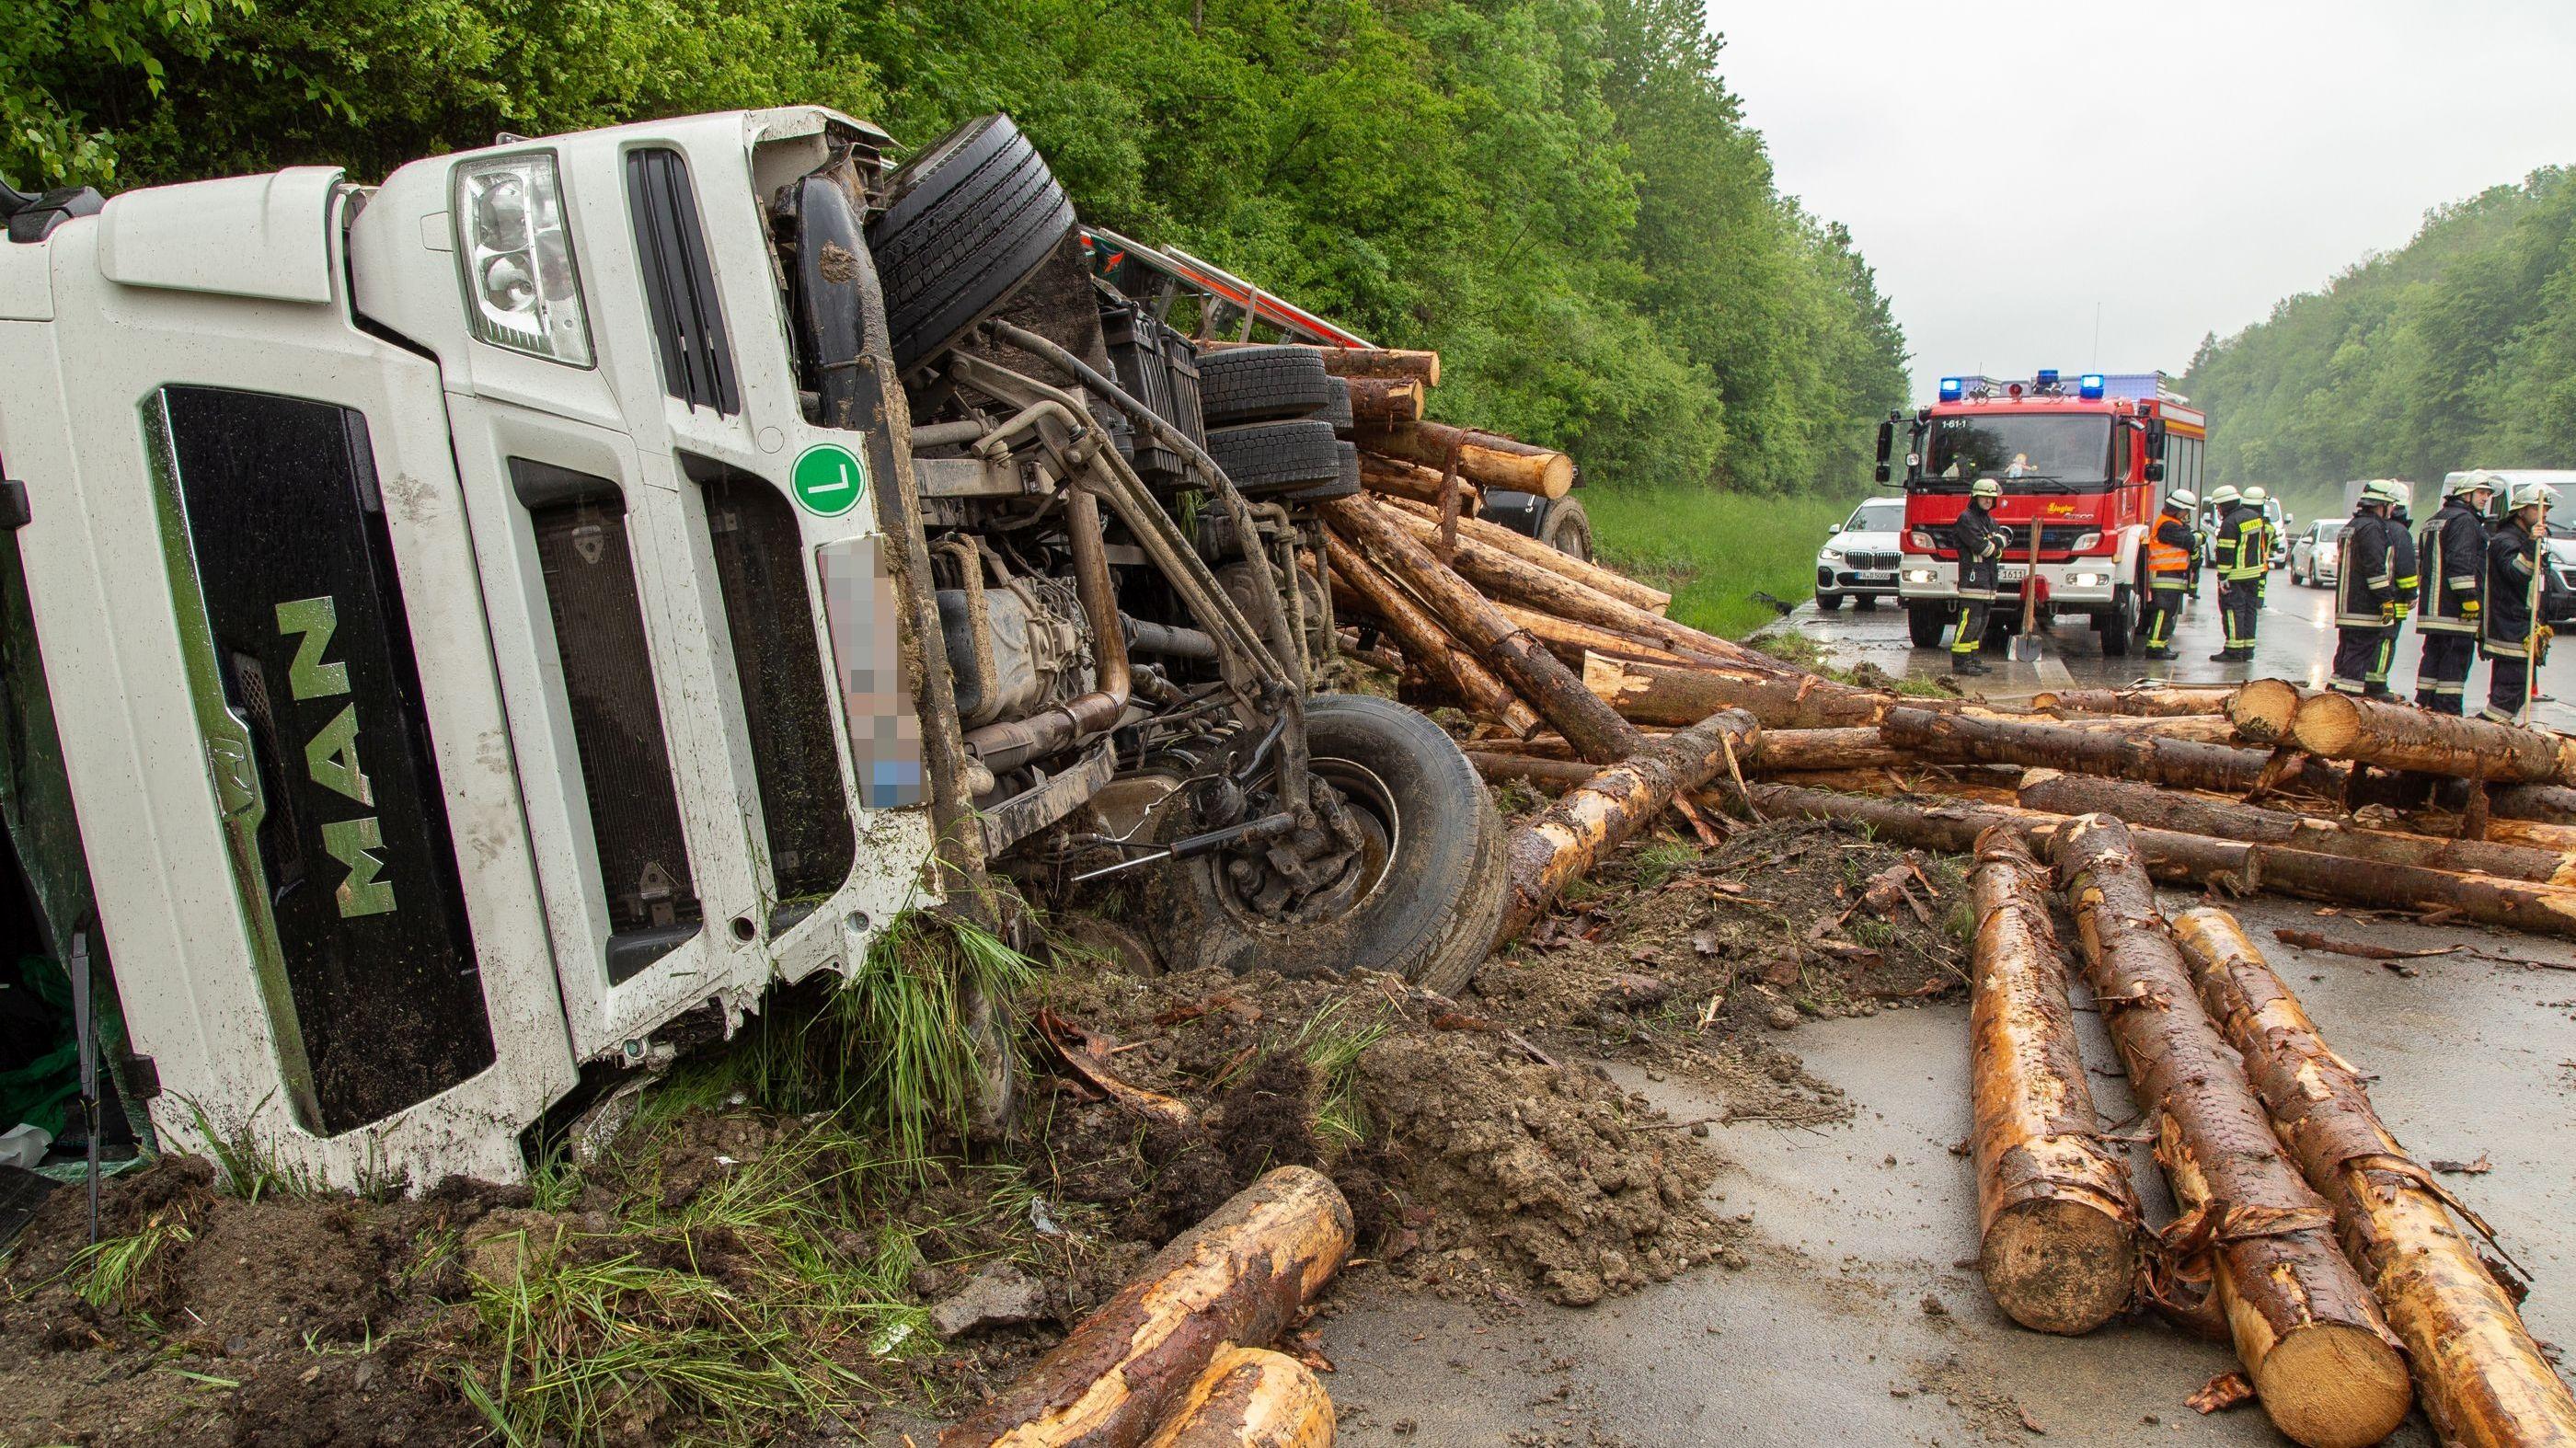 Die geladenen Baumstämme wurden über die ganze Fahrbahn verteilt - der Lkw-Fahrer wurde bei dem Unfall nur leicht verletzt.